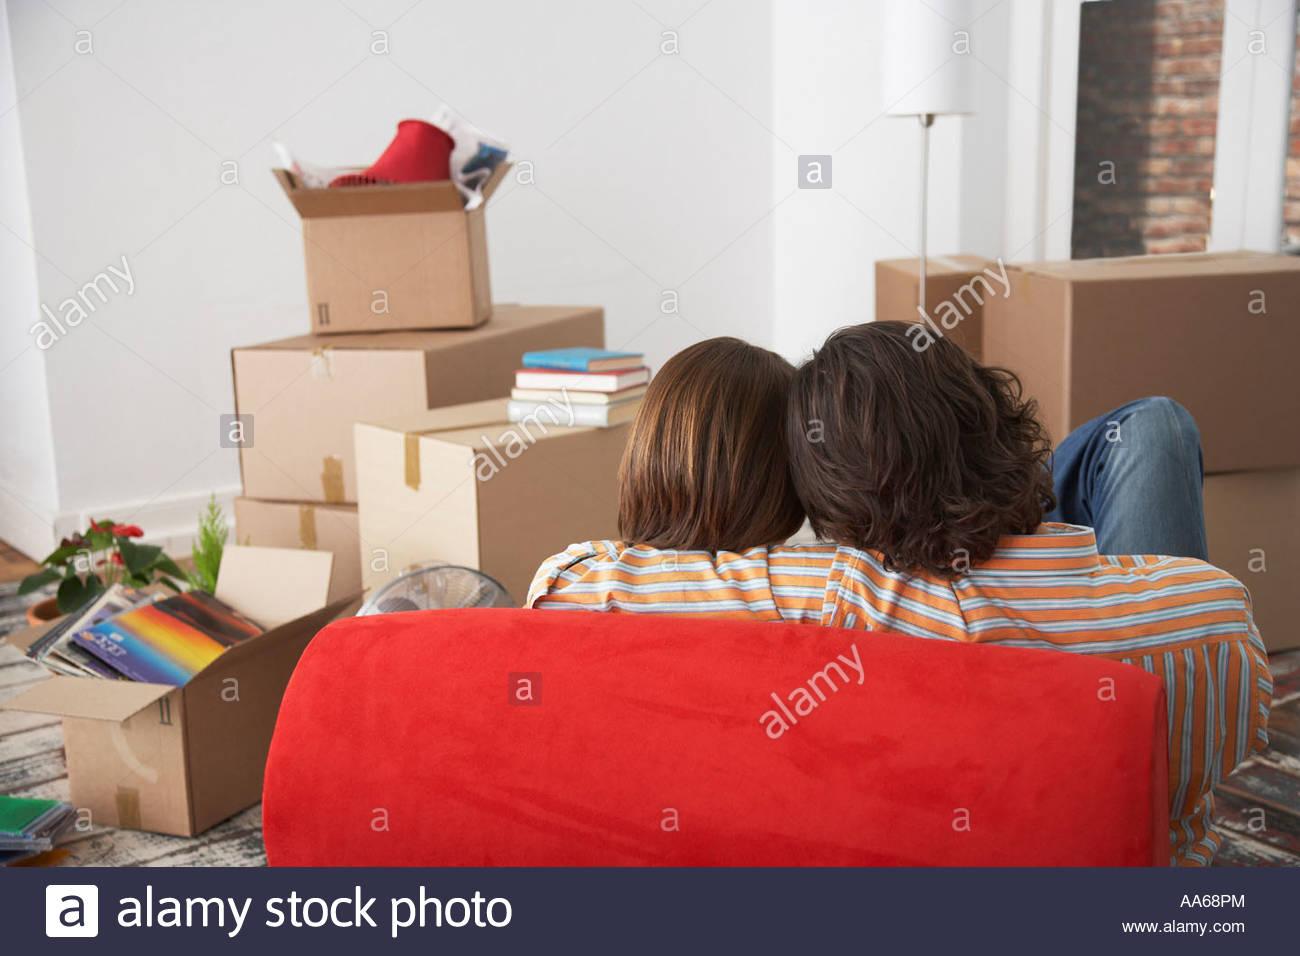 Rückansicht des Paares auf roten Stuhl im Haus mit Kartons Stockbild